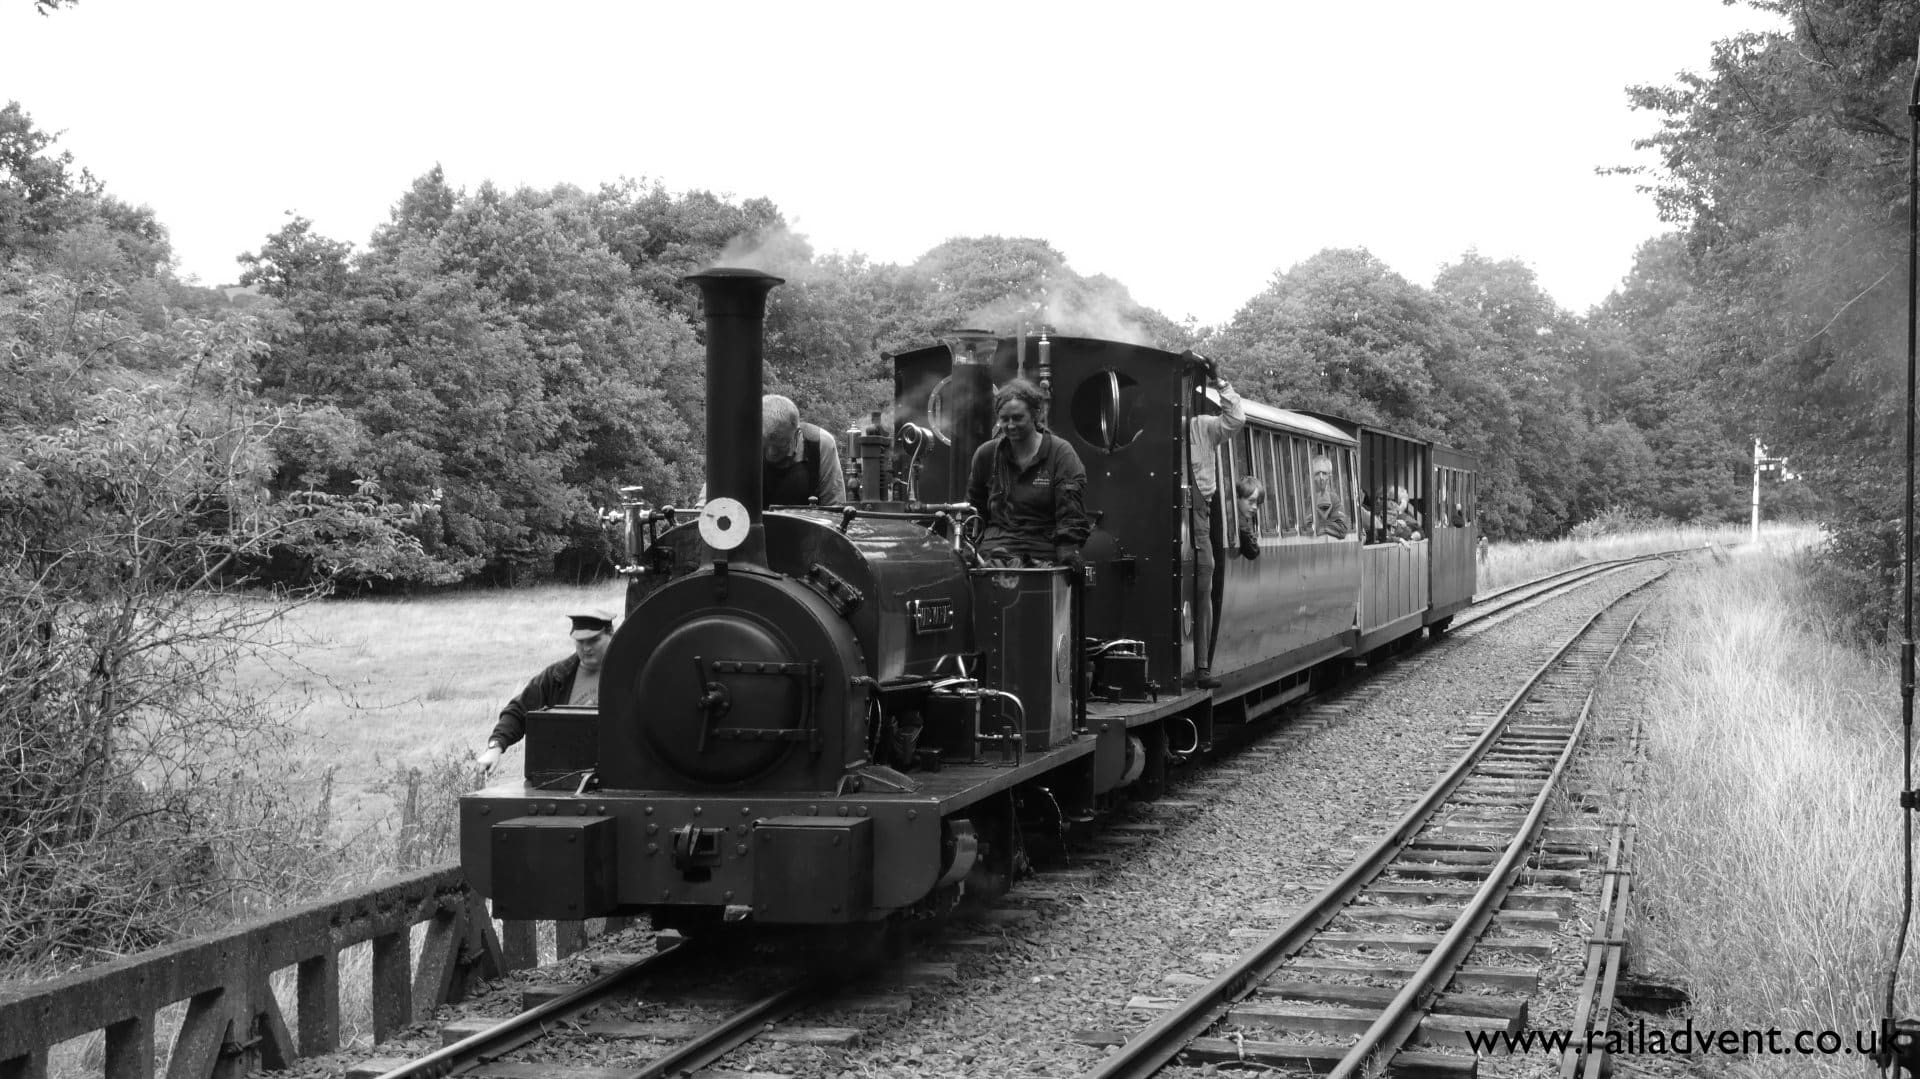 Maid Marian and Holy War at Llangower on the Bala Lake Railway